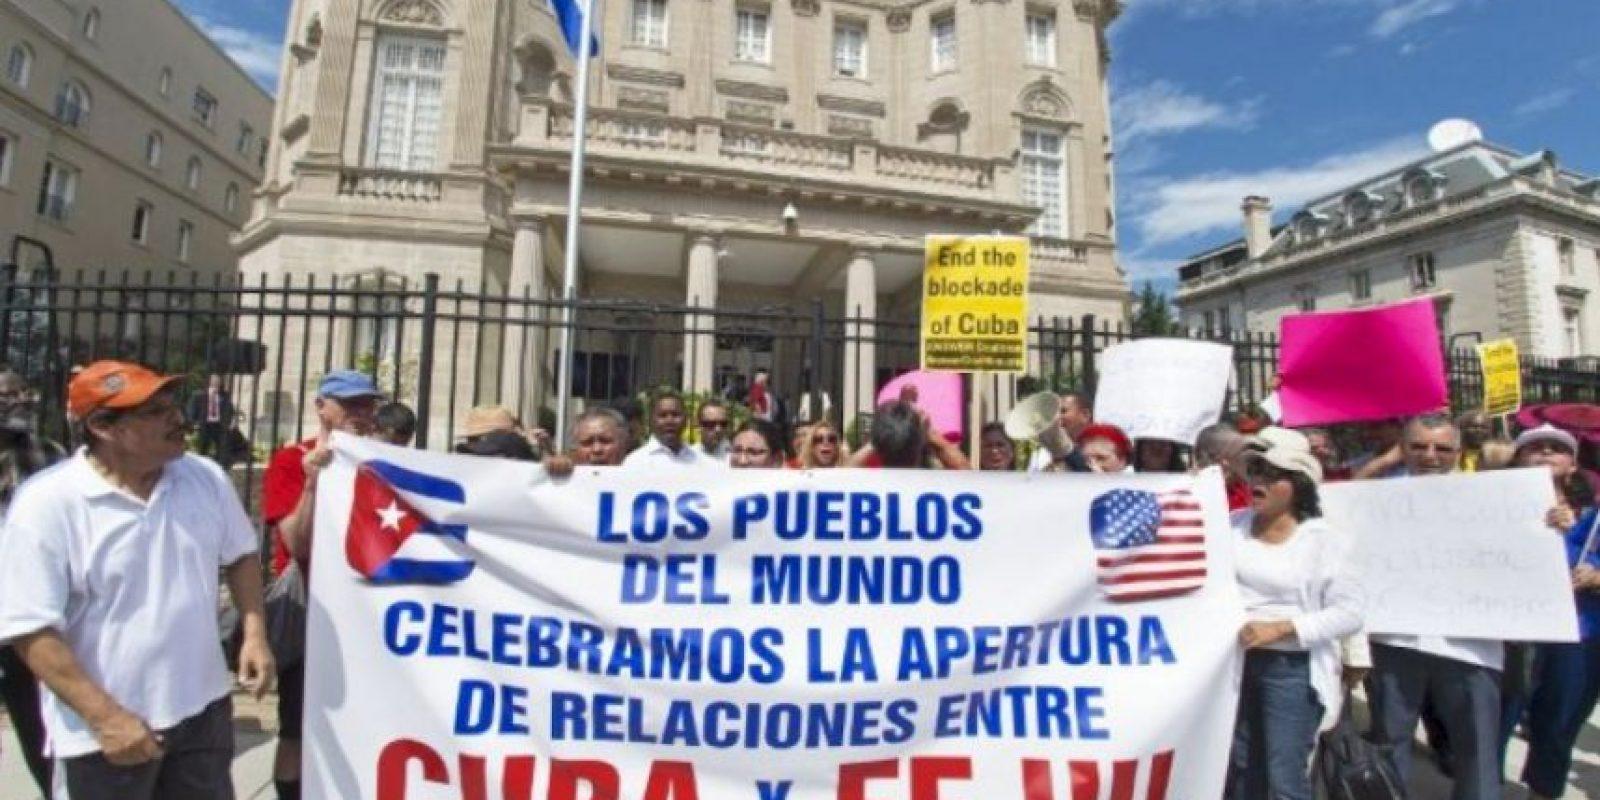 La Embajada de los Estados Unidos cerró en 1961 cuando ambos países rompieron relaciones diplomáticas. Foto:AP